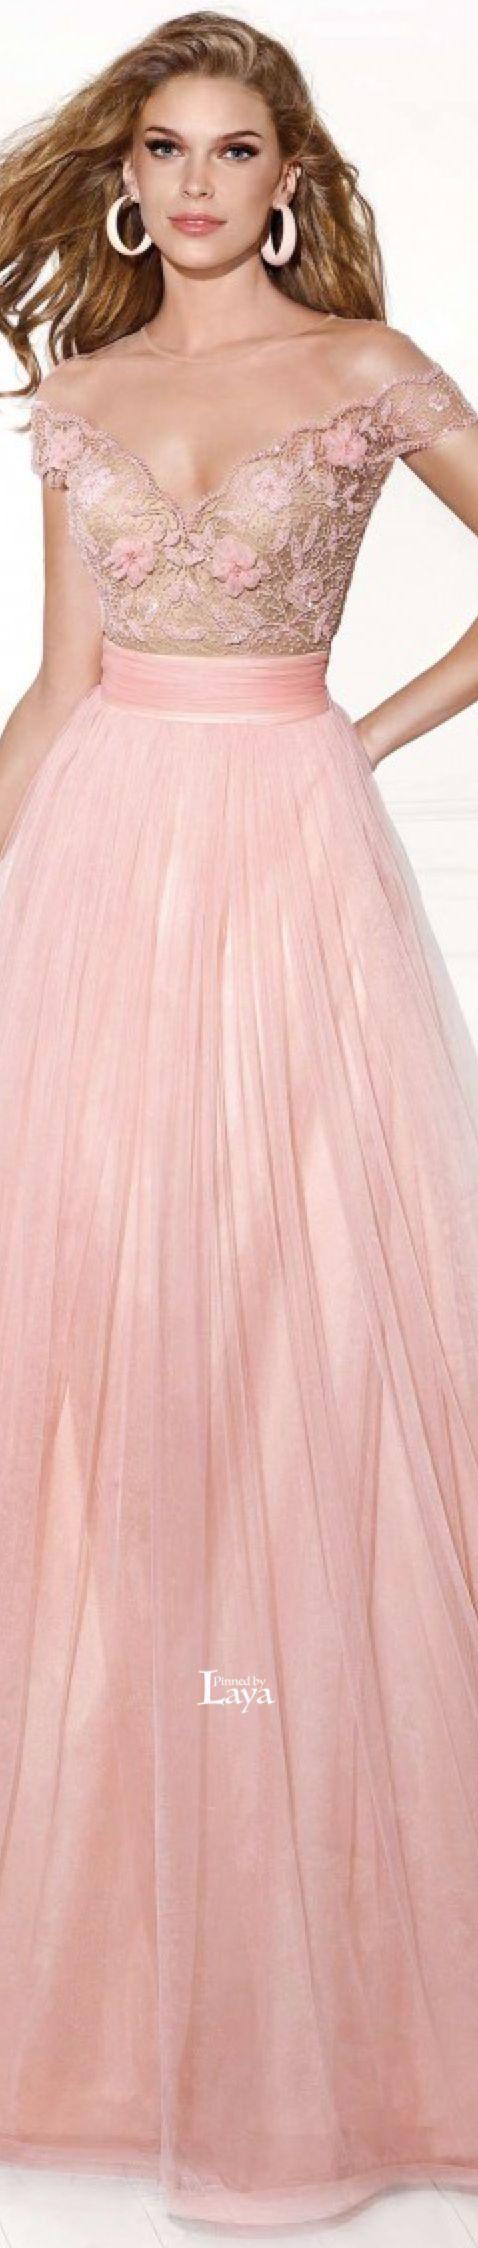 Mejores 649 imágenes de vestidos en Pinterest | Vestidos bonitos ...